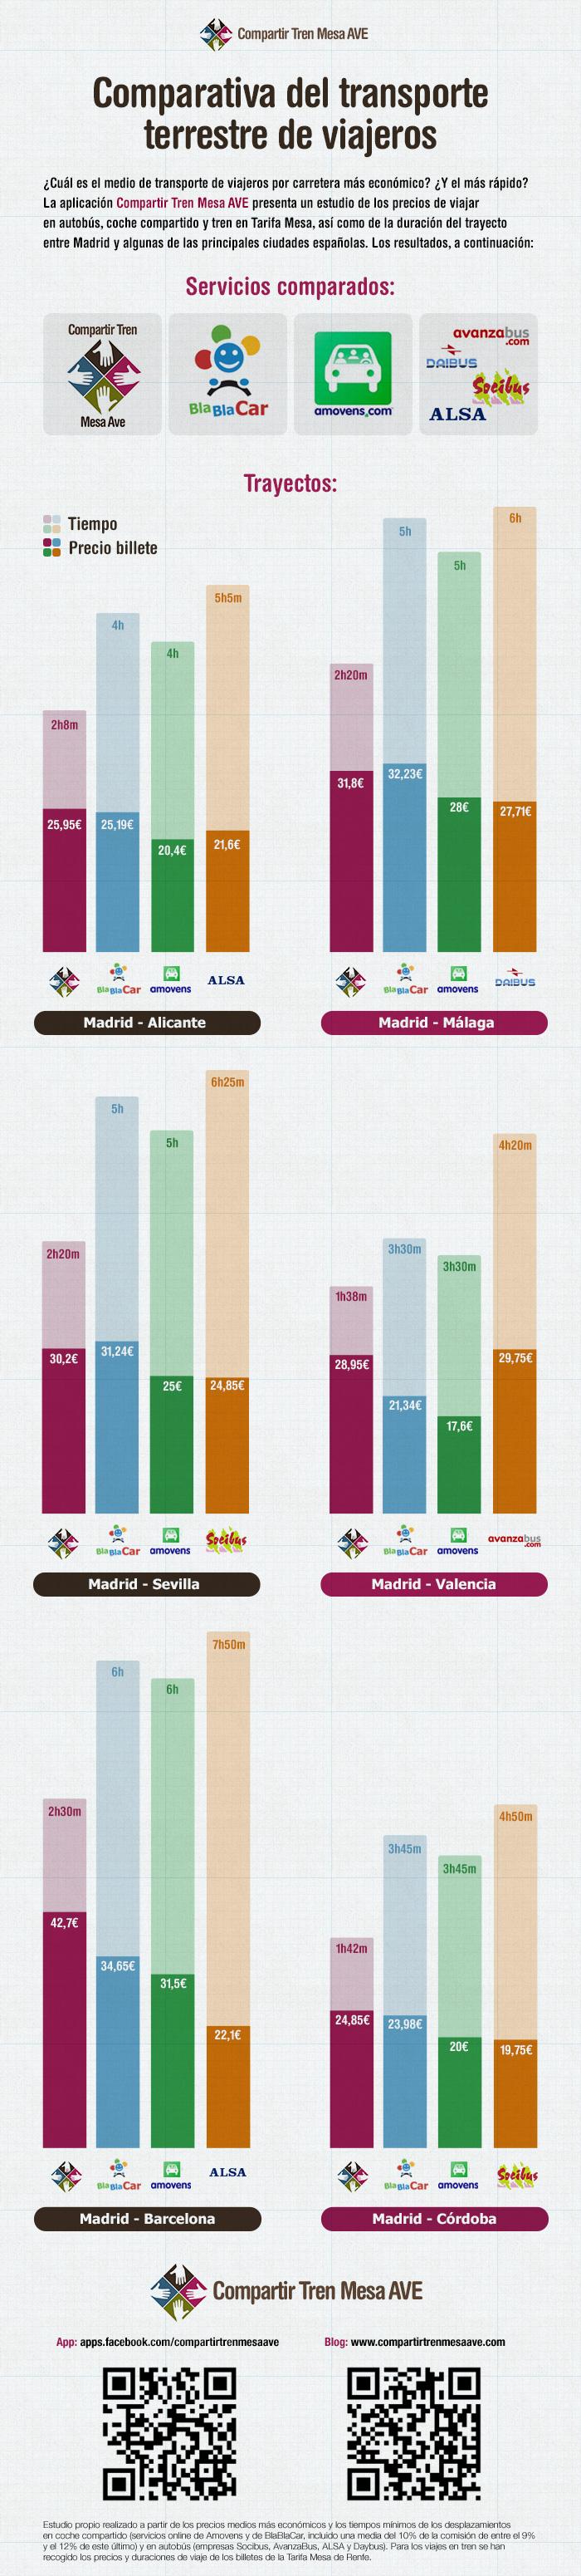 Infografía con la comparativa de precios y tiempos de viajar en transporte terrestre.